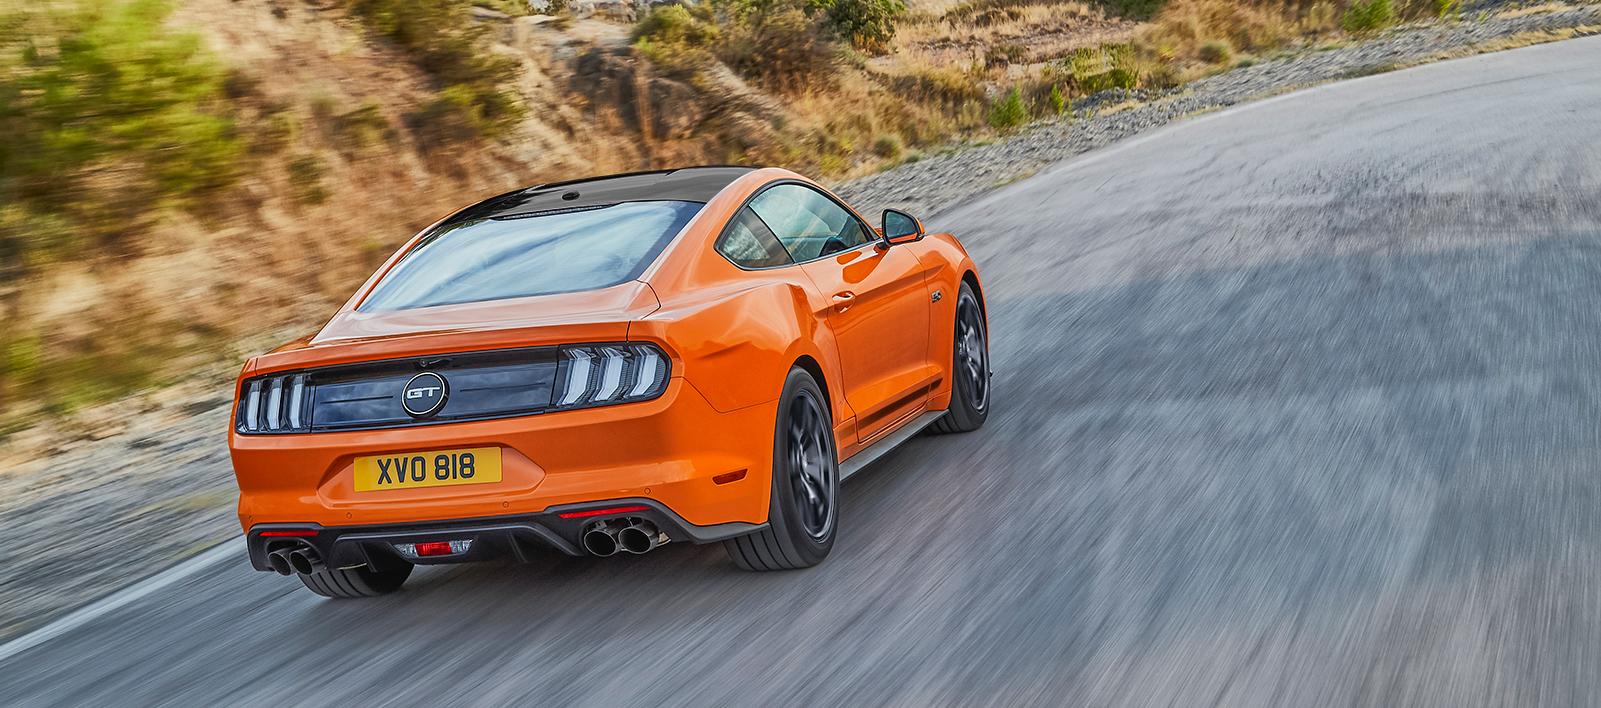 Ford Mustang G55 la nueva edición especial de Ford